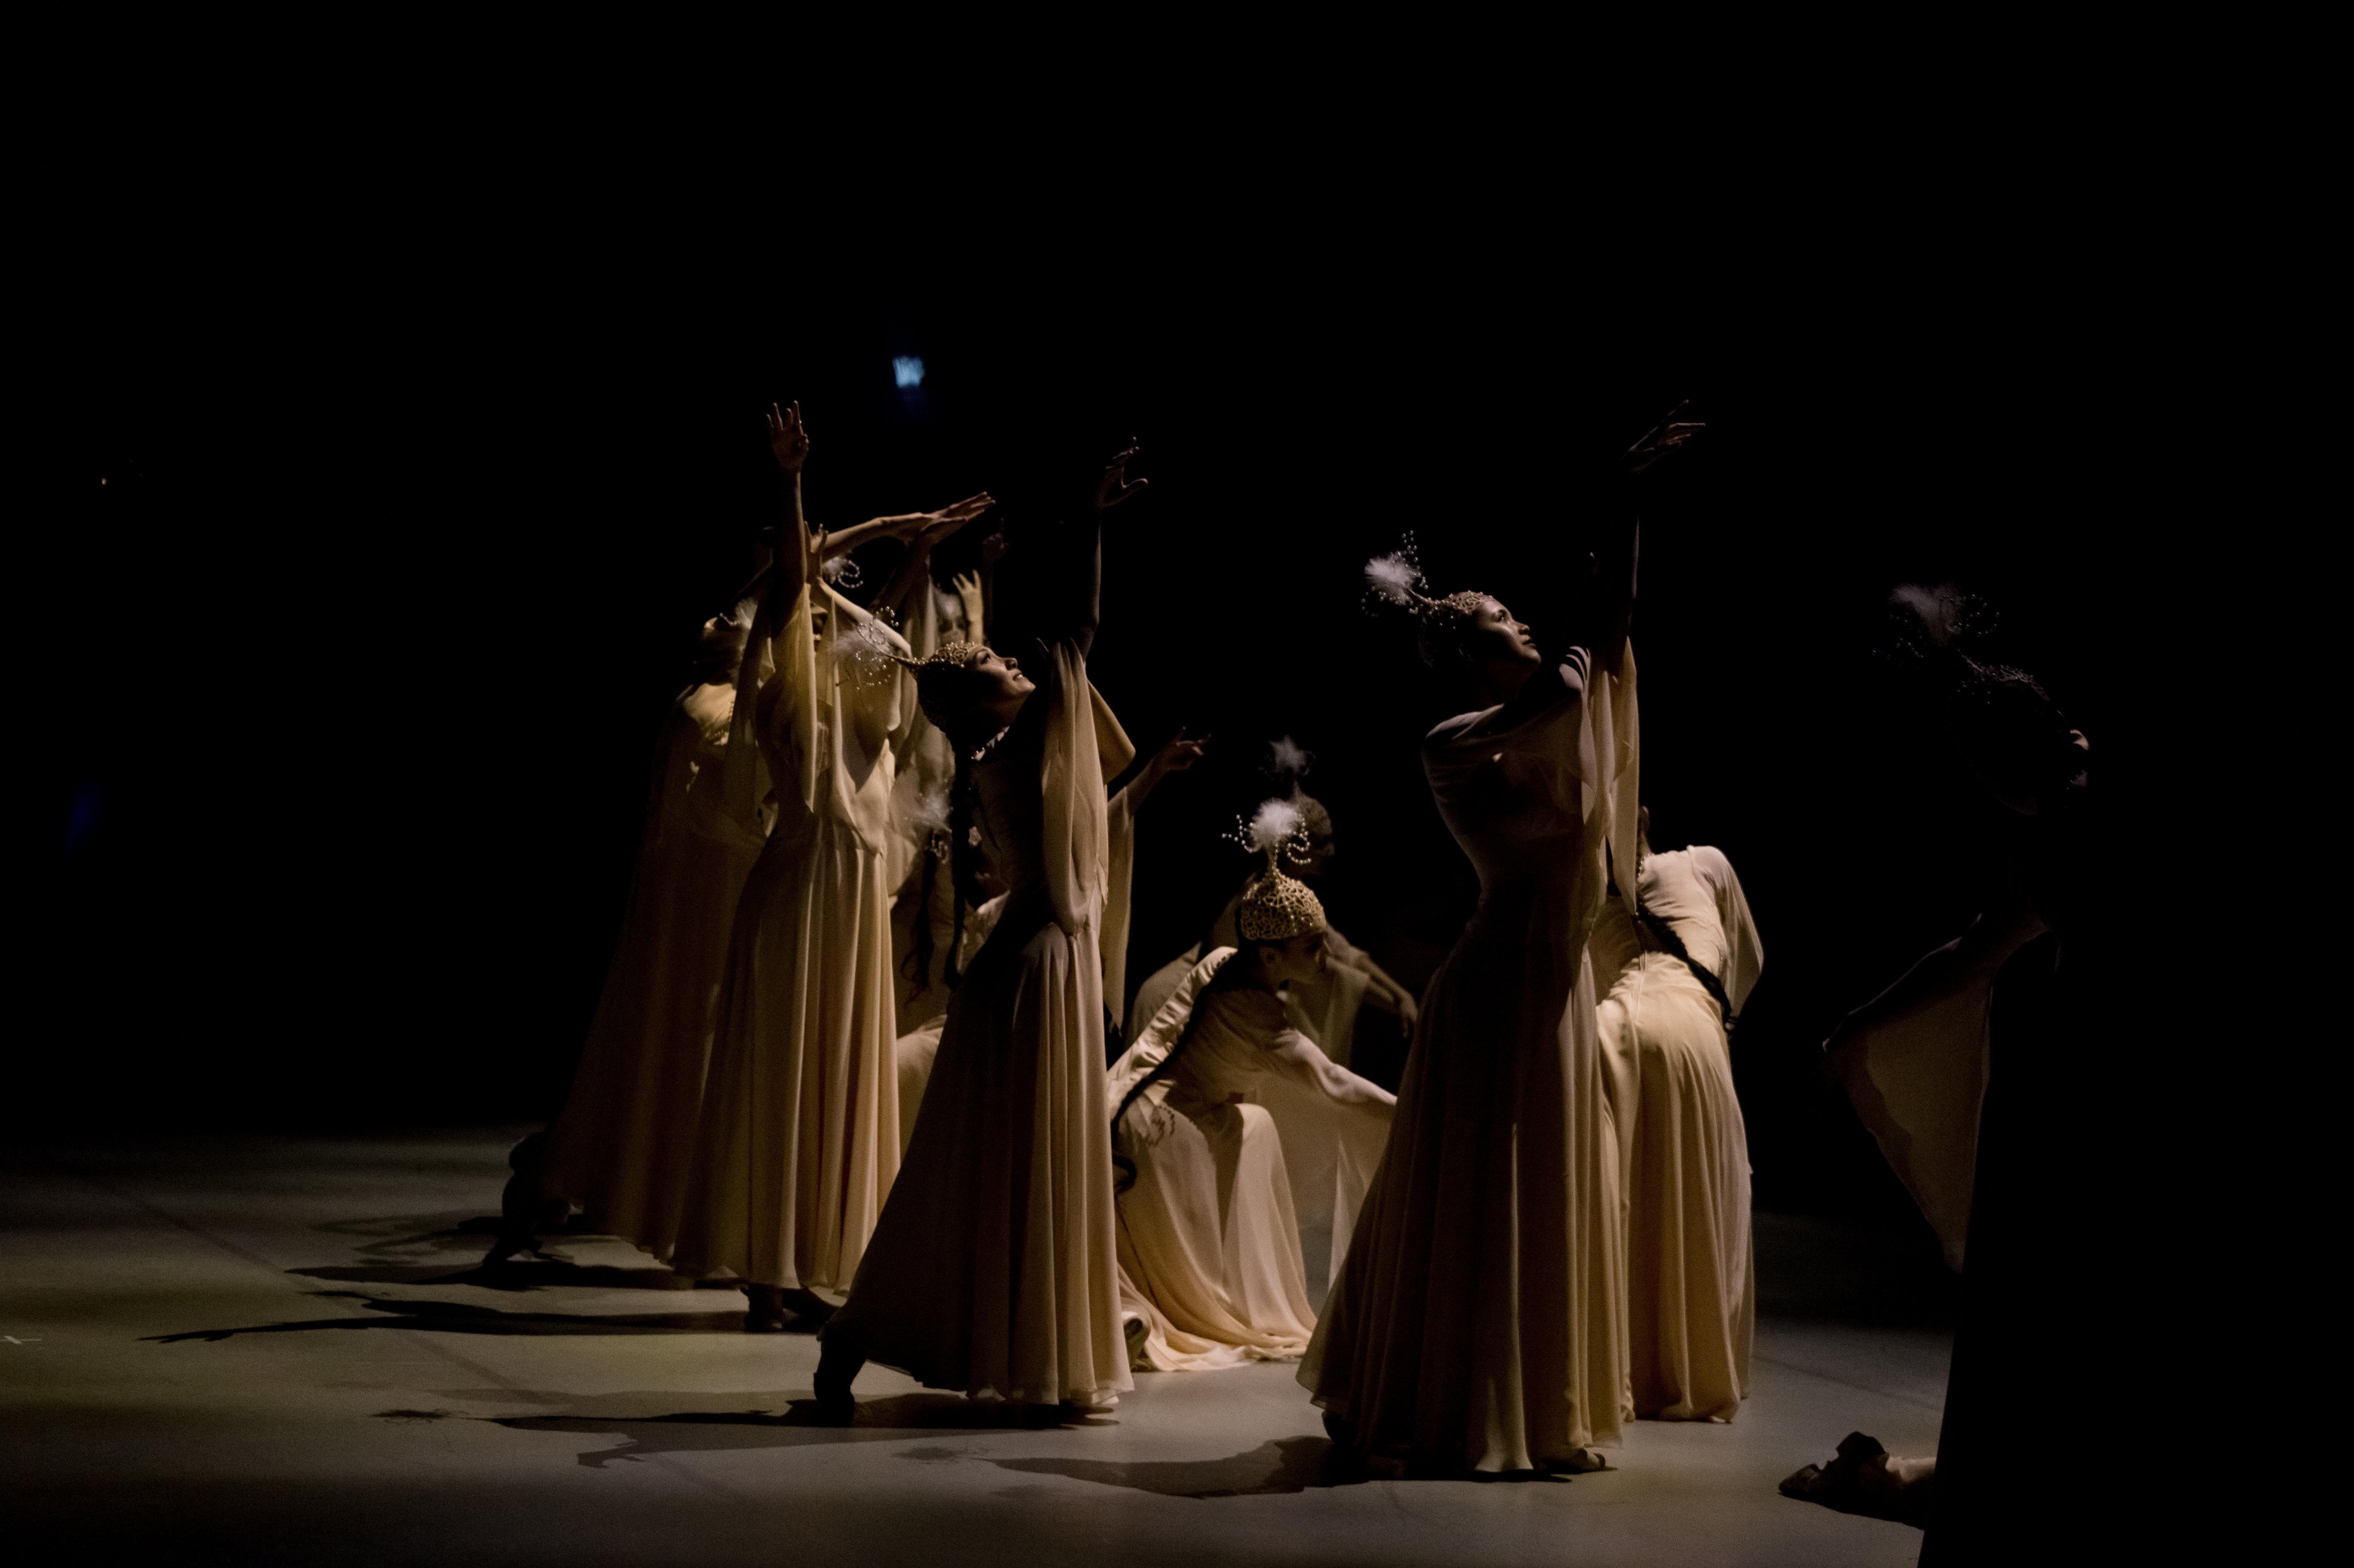 Одноактный балет современного хореографа Мукарам Авахри Жусан